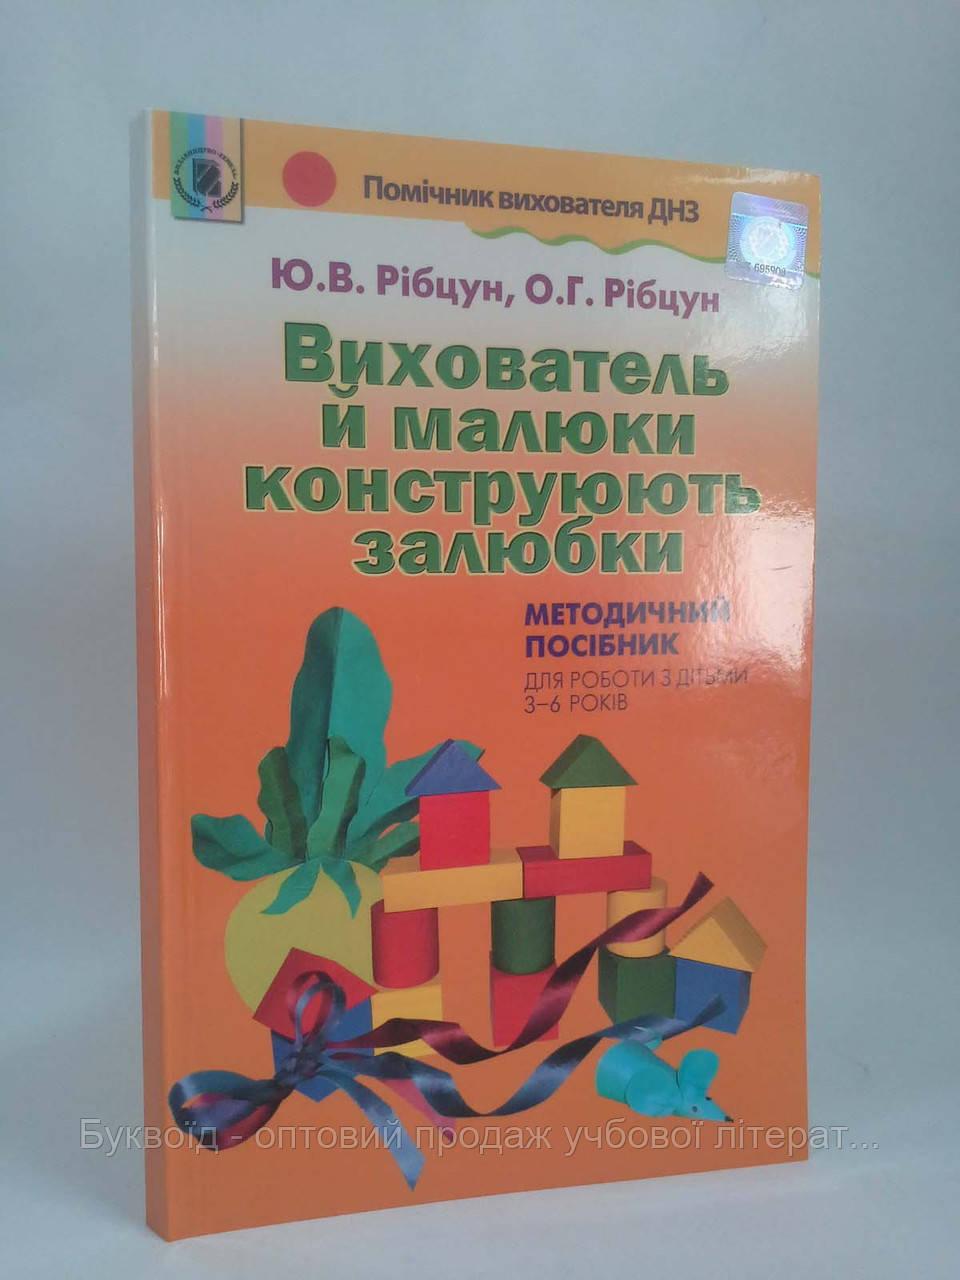 Вихователь й малюки конструюють залюбки Методичний посібник для 3-6 років Рібцун Генеза ISBN 978-966-11-0822-5